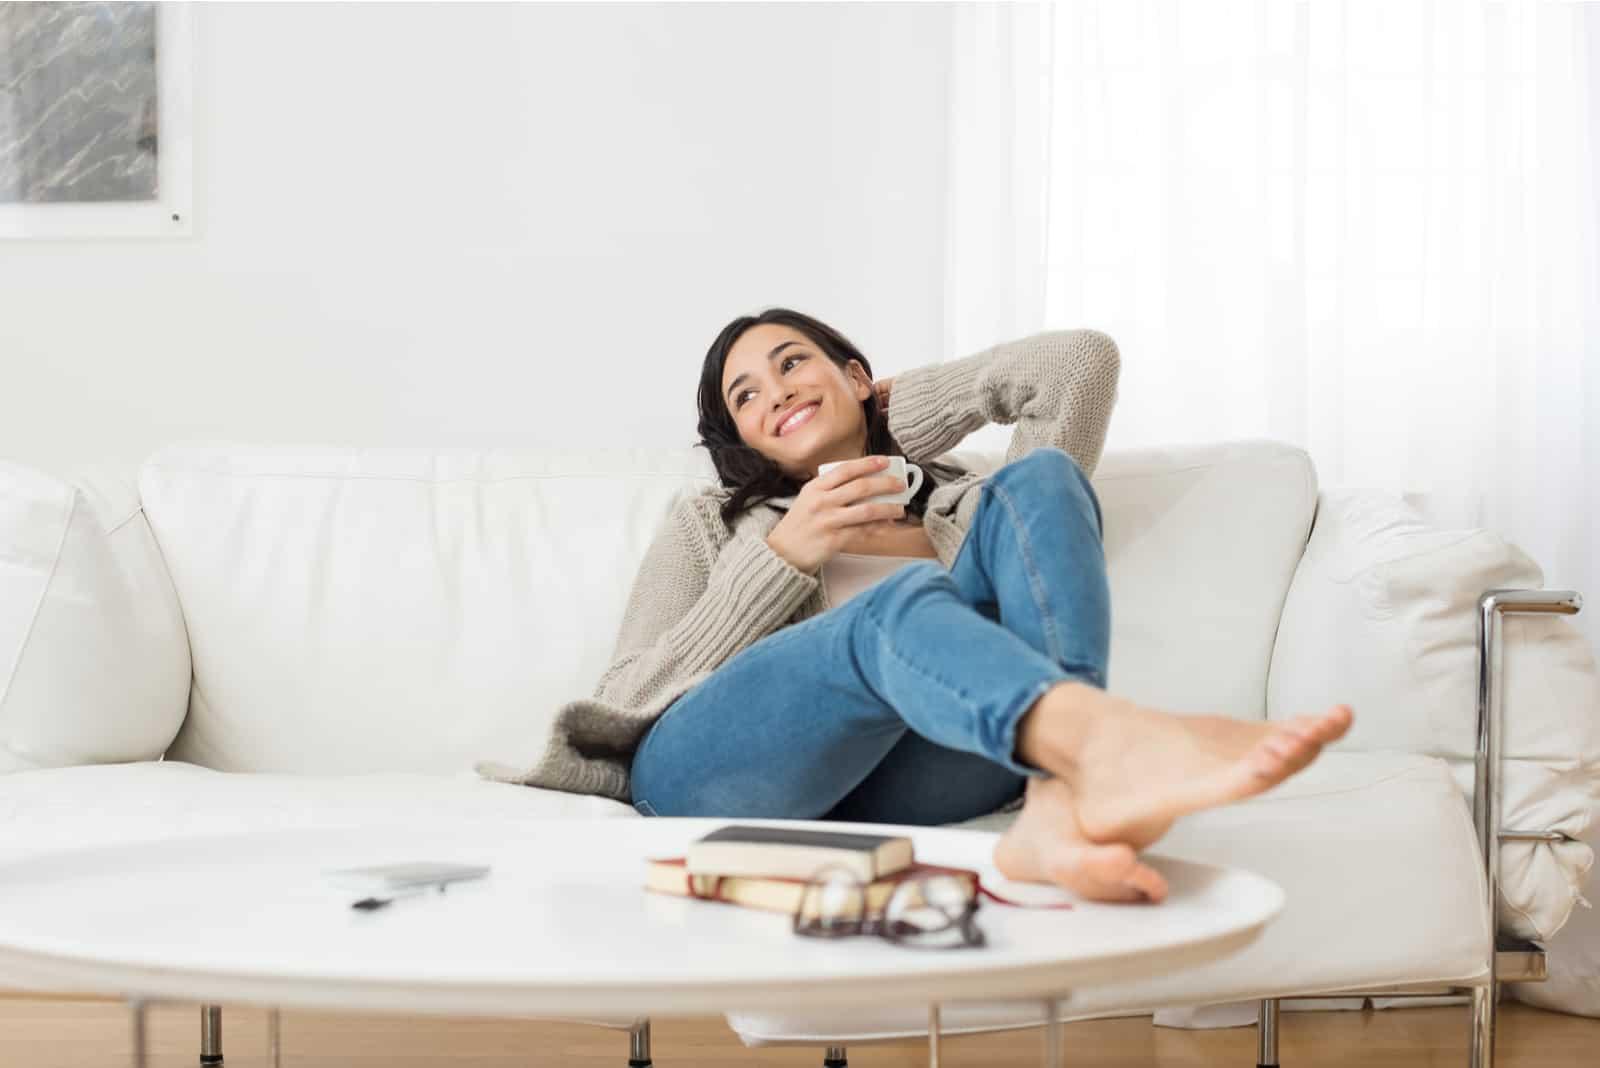 la femme est allongée sur le canapé et rit